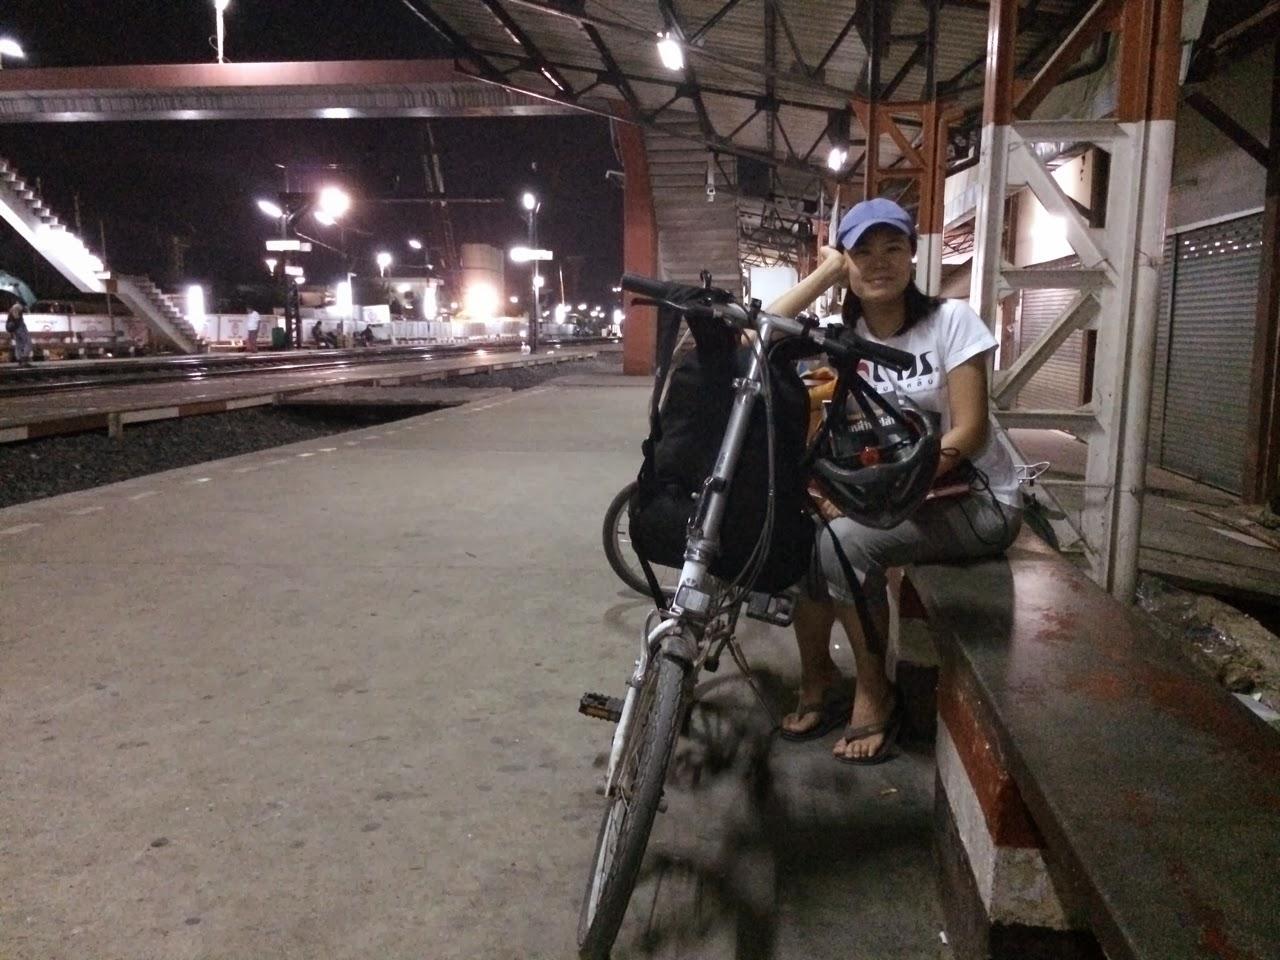 บรรยากาศสถานีรถไฟรังสิตยามดึก